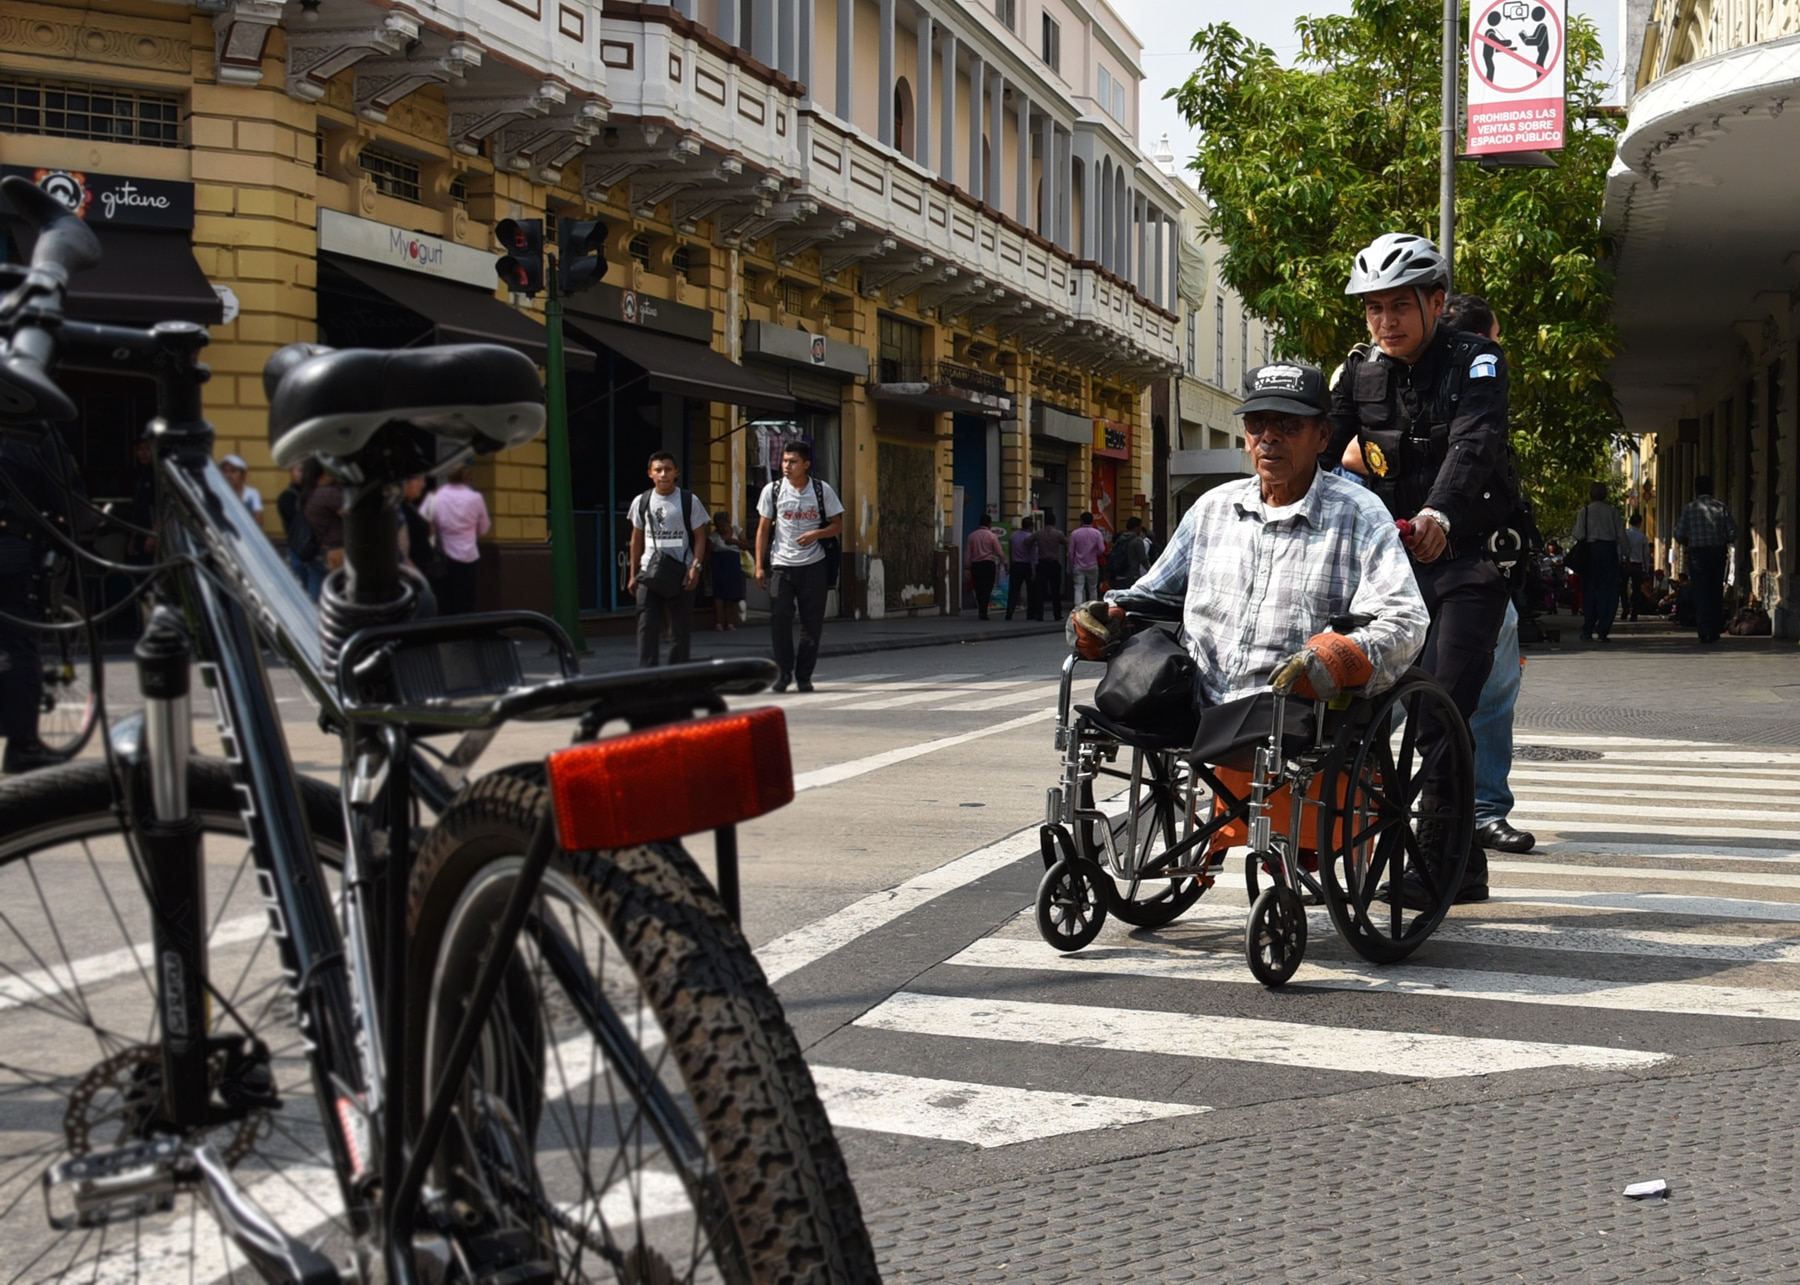 Policial empurra homem em cadeira de rodas (Embaixada dos EUA na Guatemala)